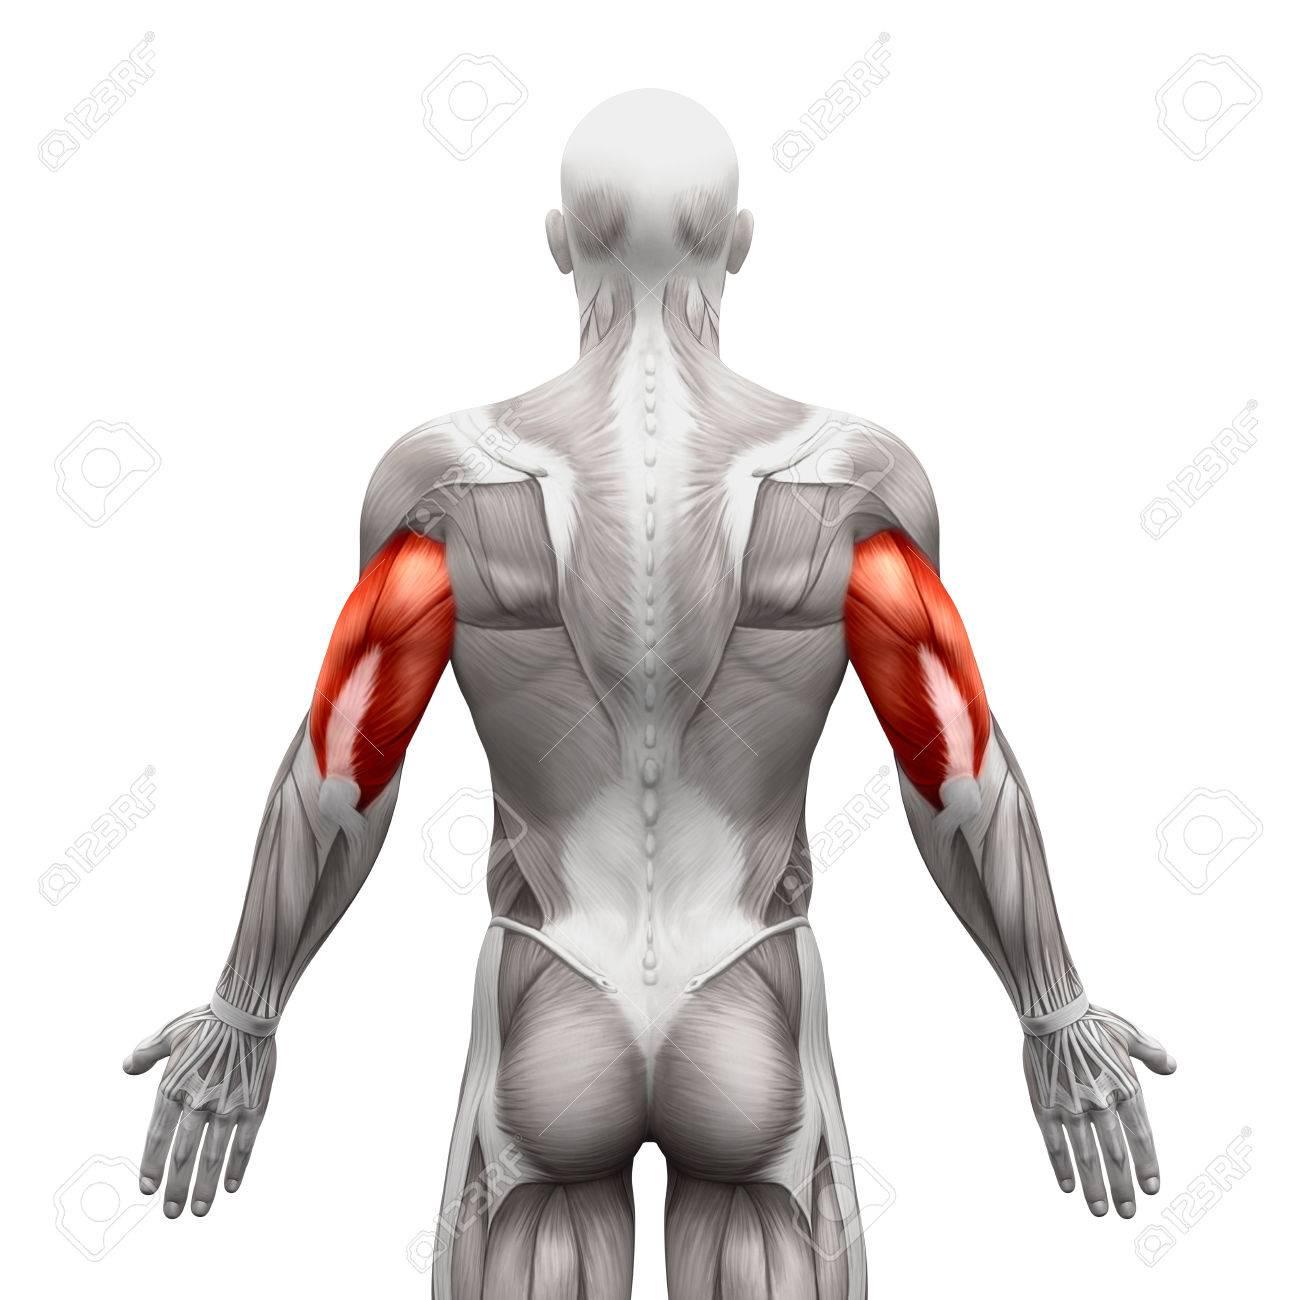 Los Músculos Tríceps - Músculos Anatomía Aislados En El Blanco ...